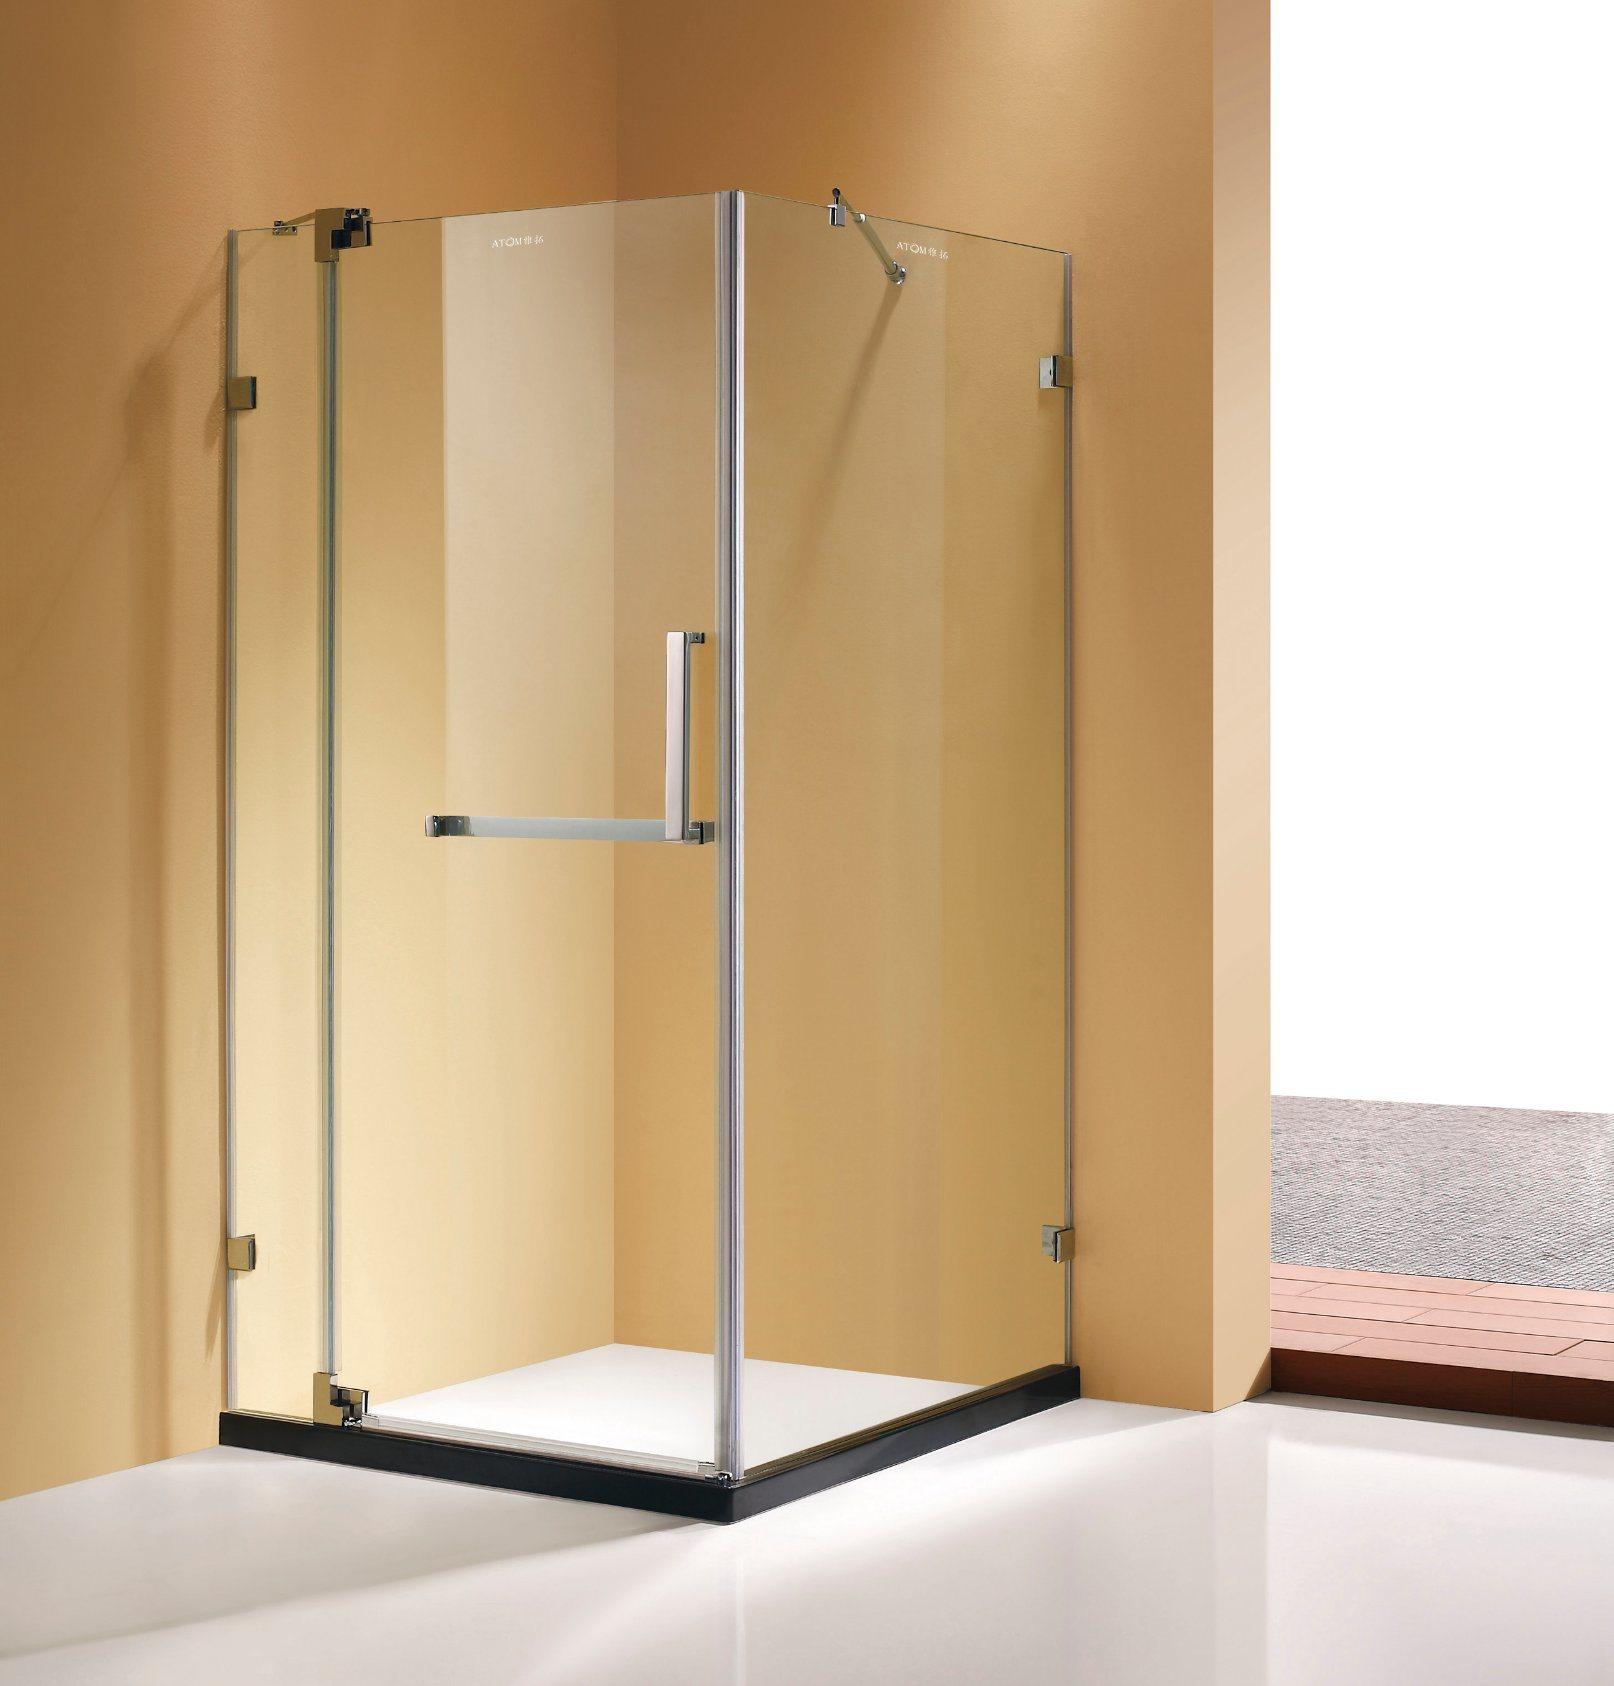 Frameless Hinge Door Shower Room Shower Enclosure Shower